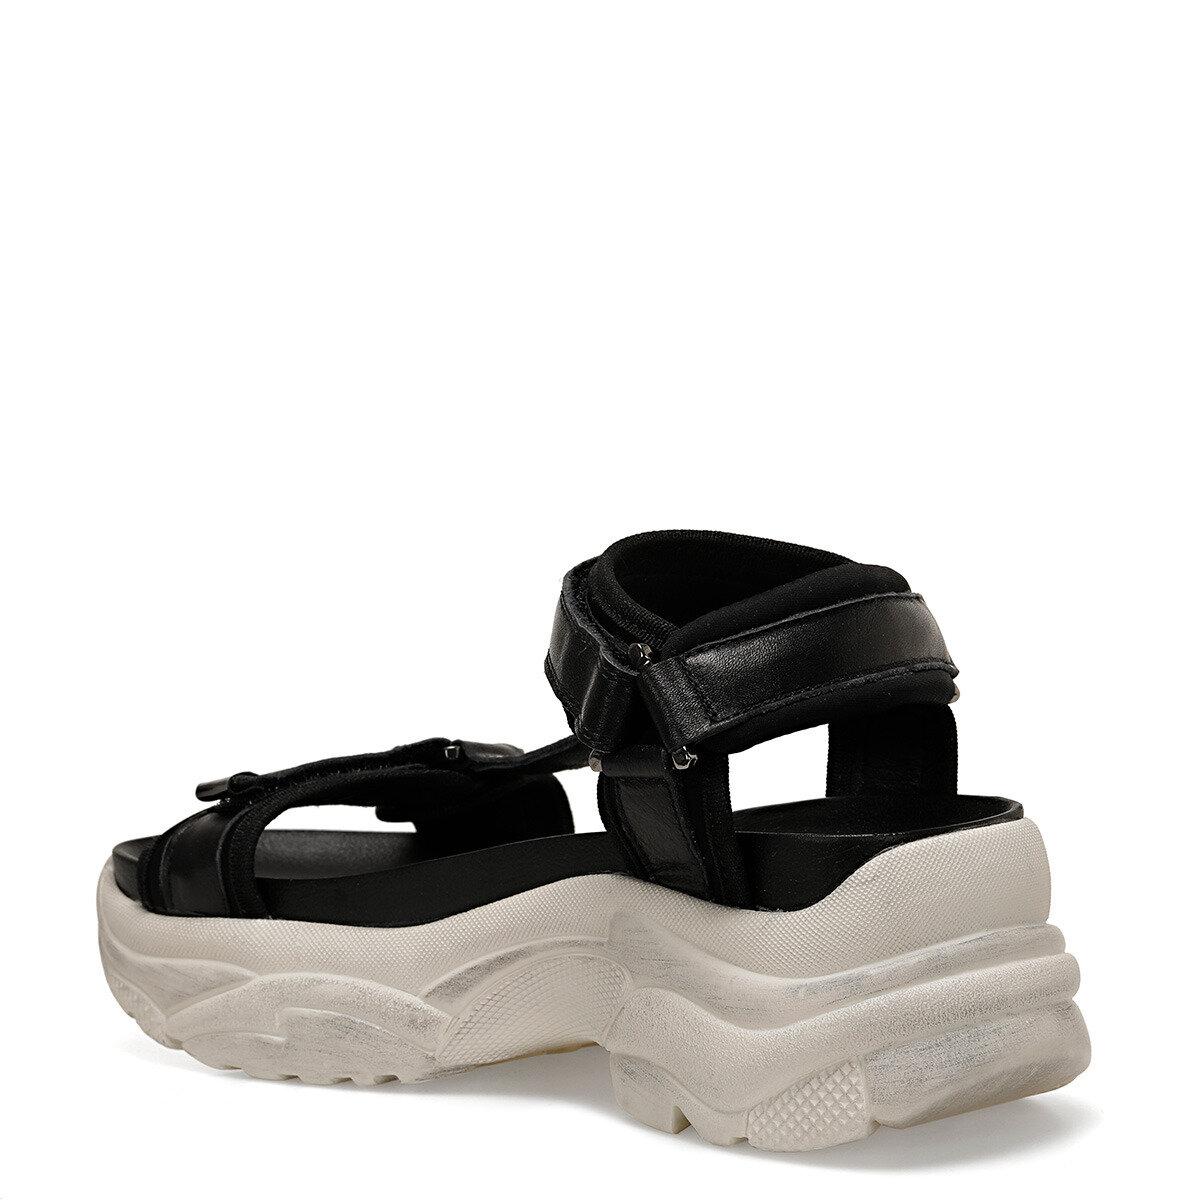 EDEE Siyah Kadın Sandalet